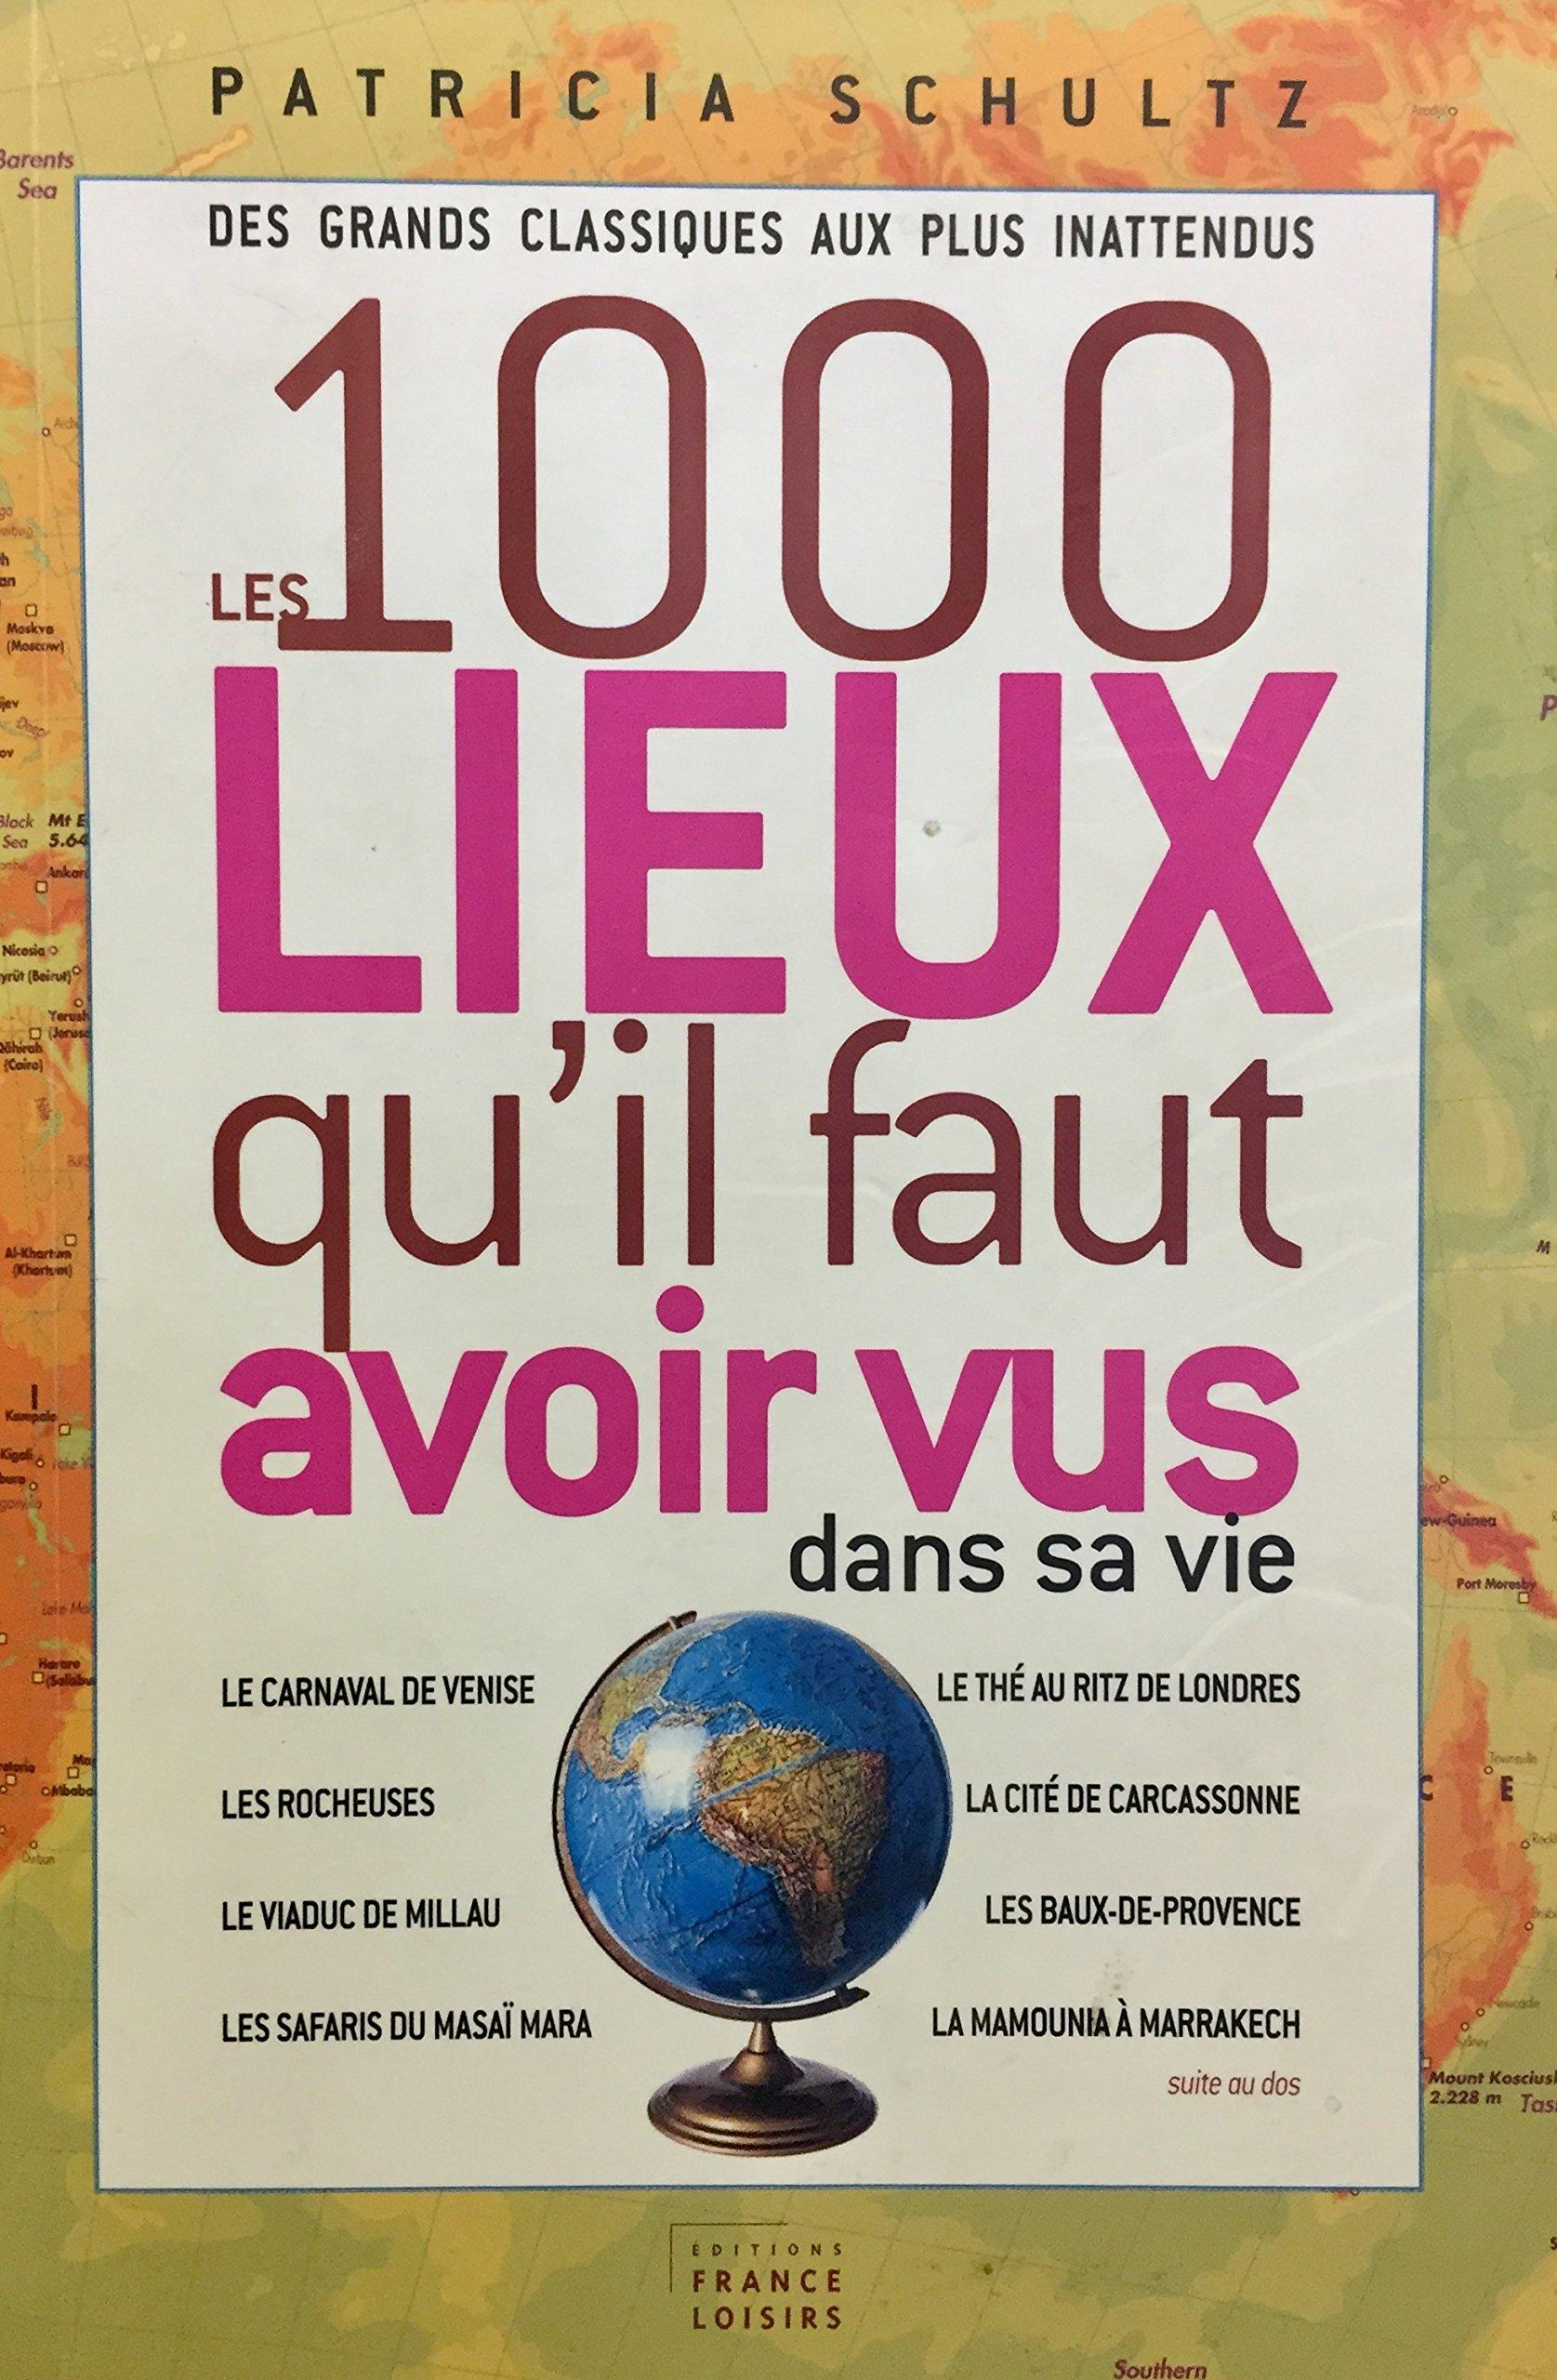 Amazon.fr - Les 1000 lieux qu'il faut avoir vus dans sa vie - Patricia  Schultz - Livres